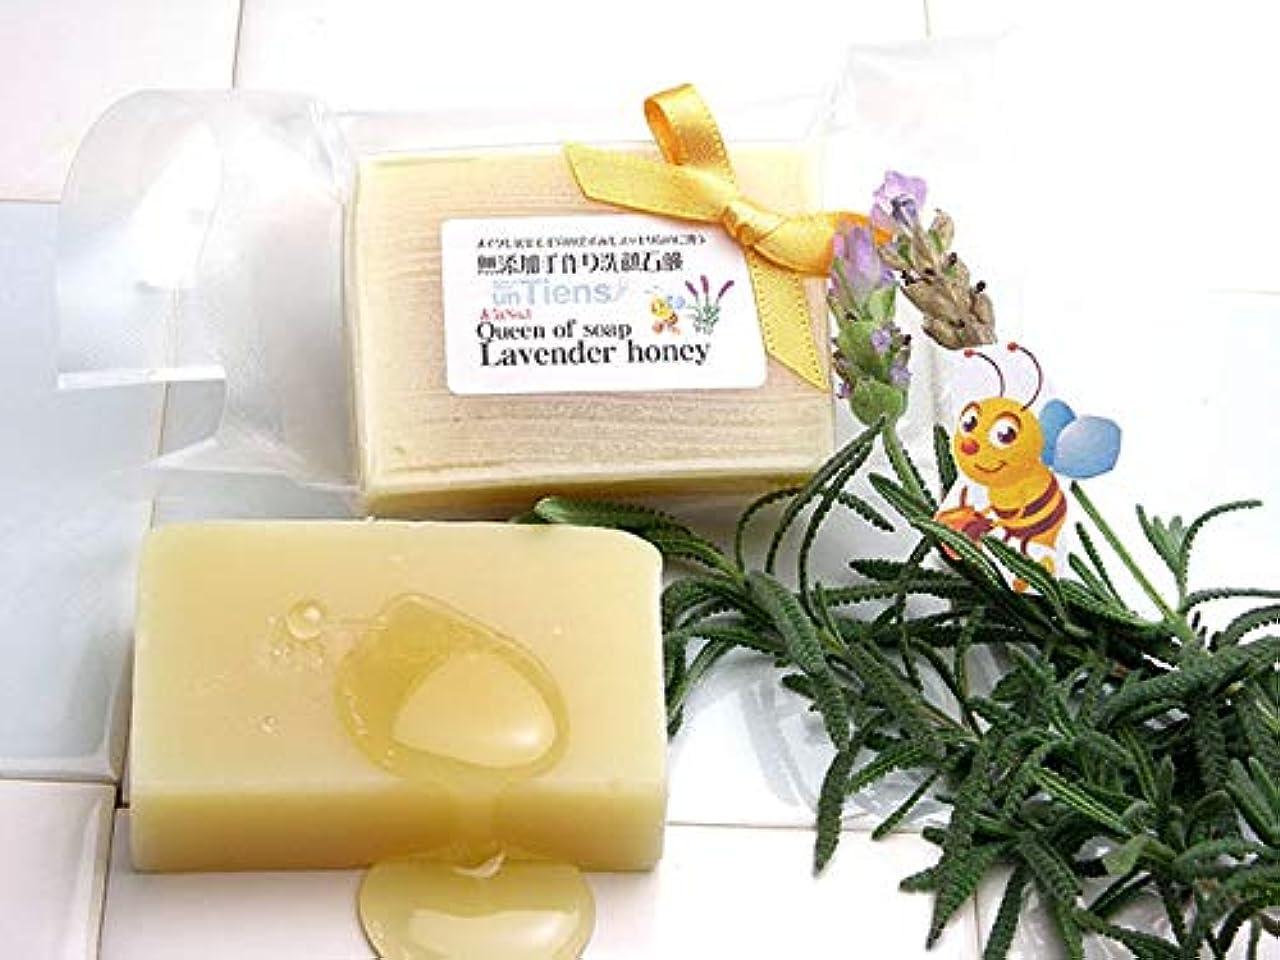 下品シャベル花に水をやる手作り石鹸アンティアン クイーンオブソープ 「ラベンダーハニー」 ちょっとお得な3個セット 120g